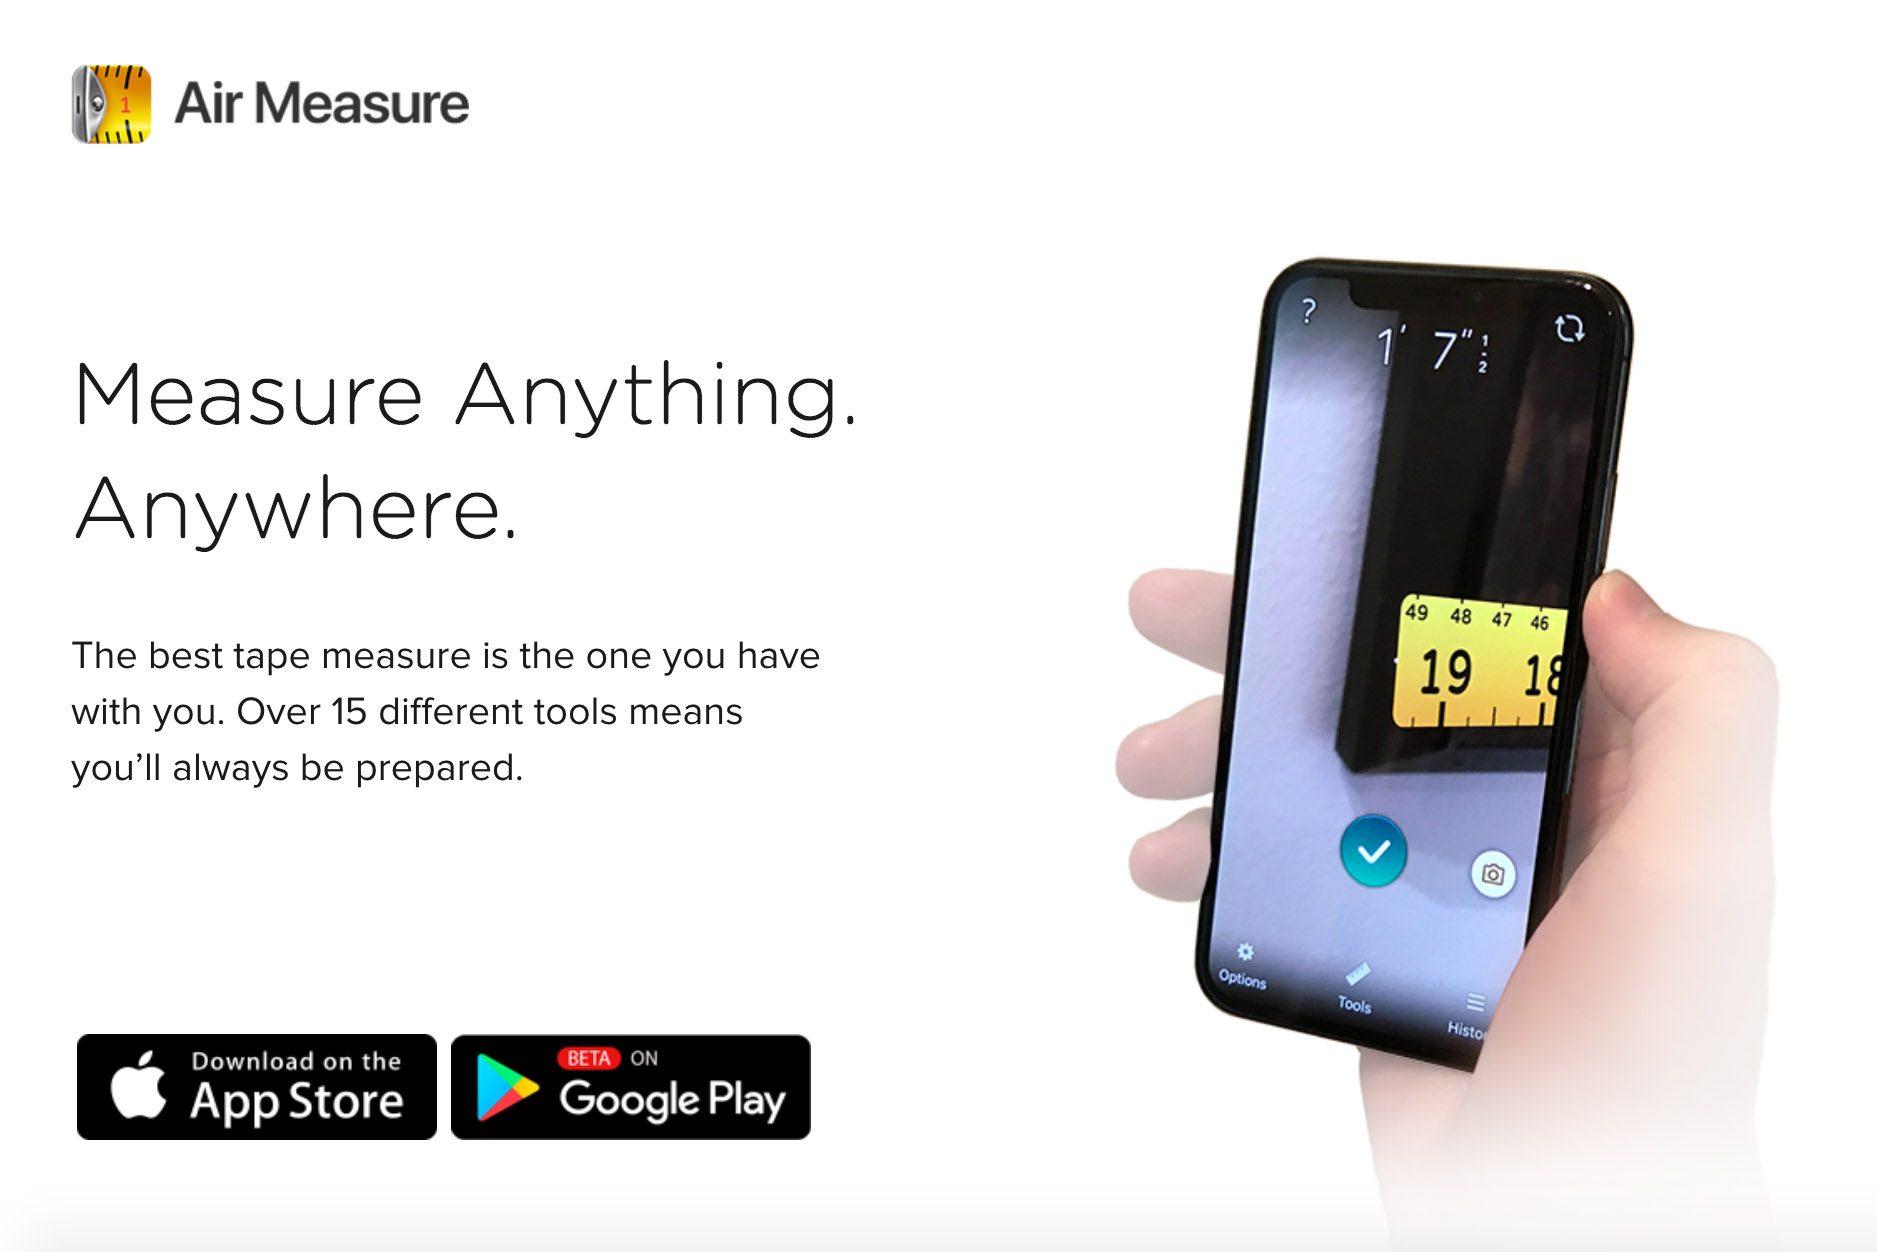 tape measure air measure app smart phone